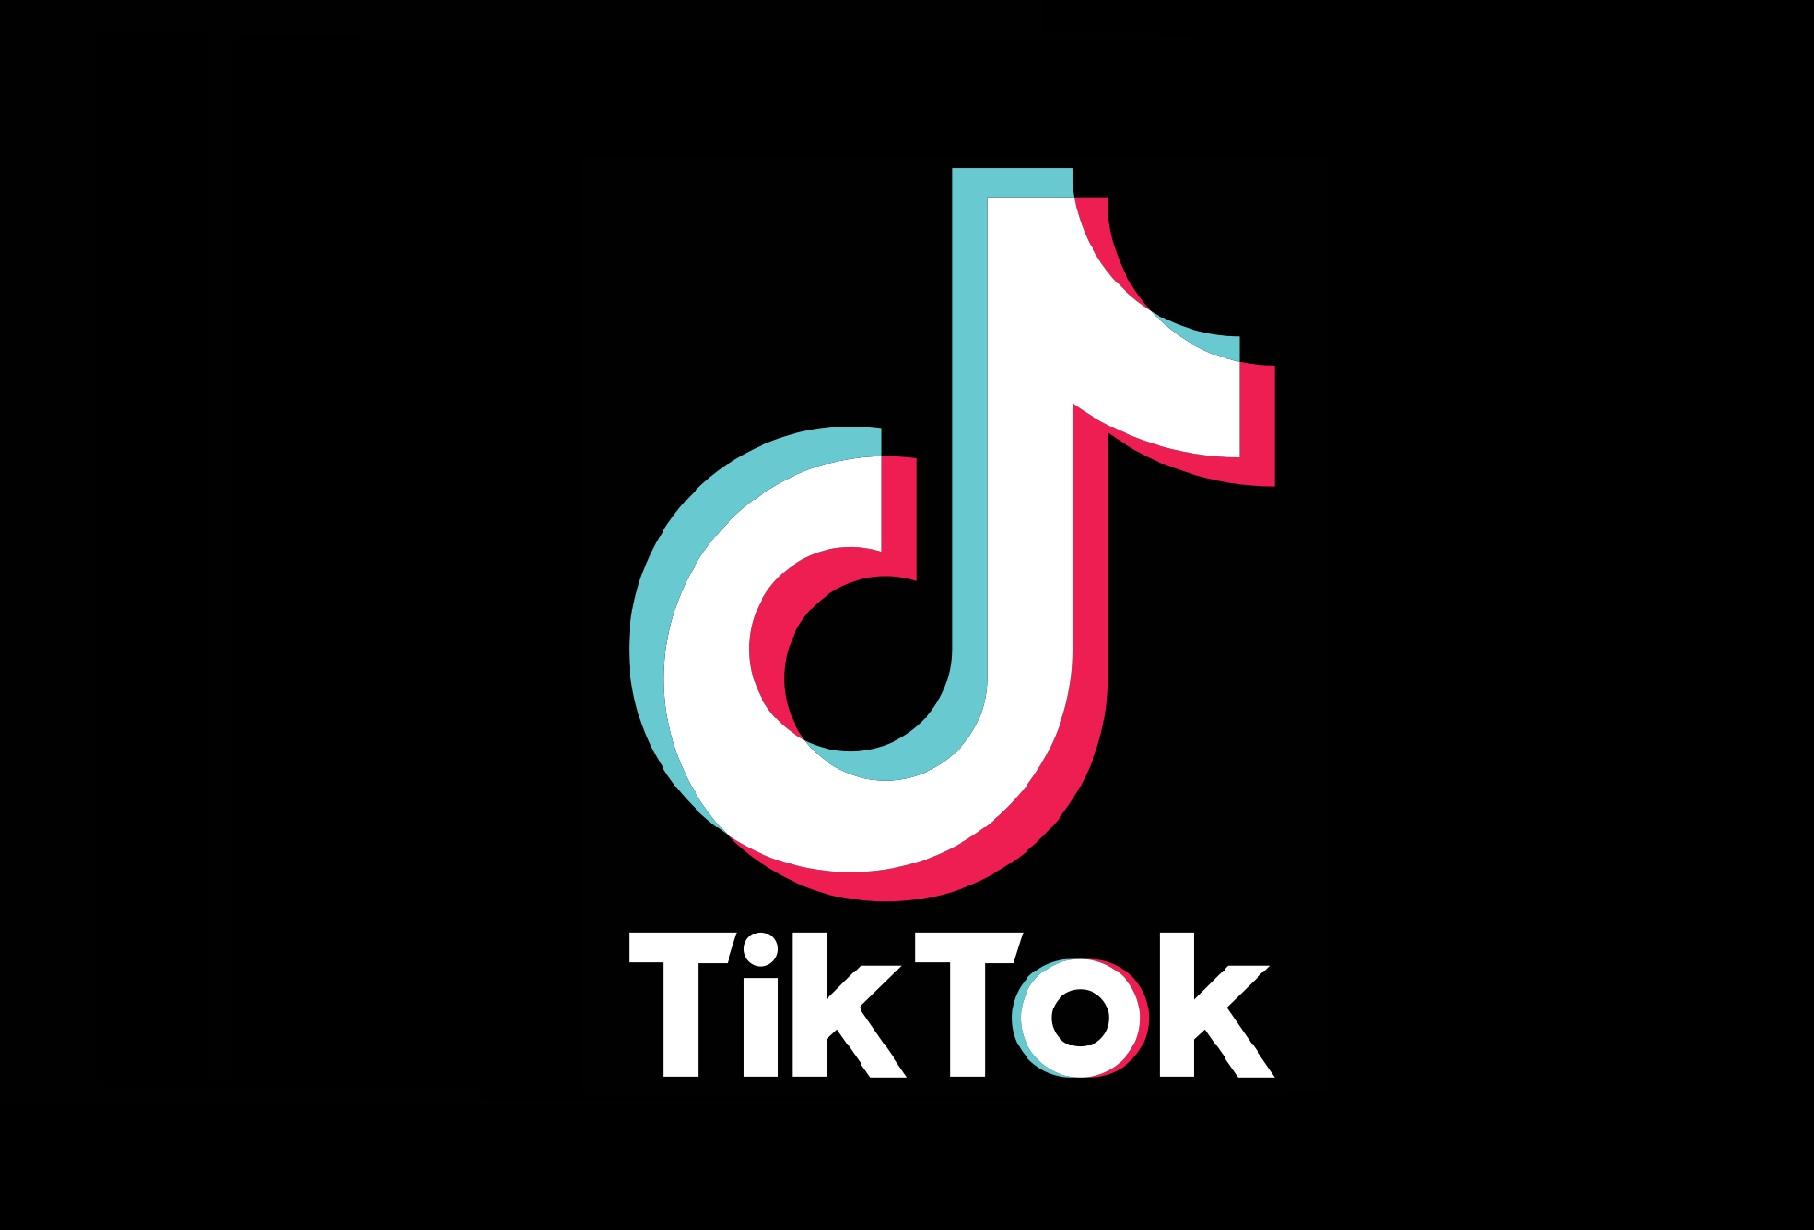 Феномен Tik Tok: история площадки для создания коротких видео и социальная  сеть для нового поколения - Swyper